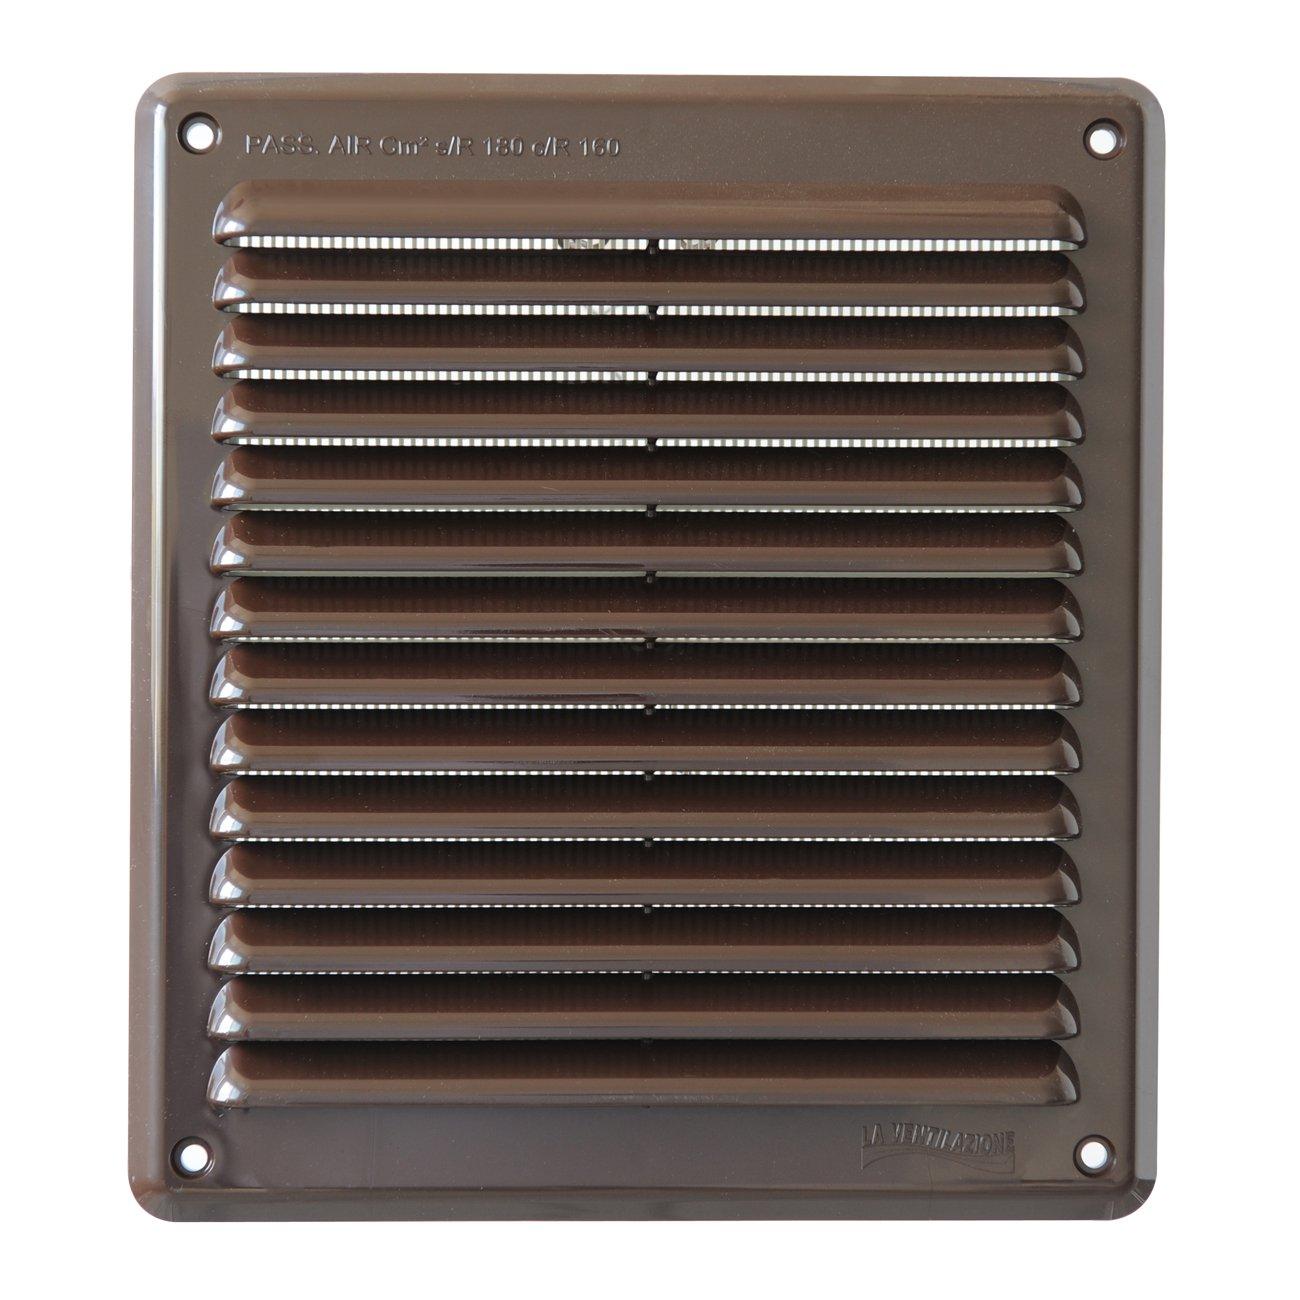 Marrone La Ventilazione AR2023M Griglia di Ventilazione in Plastica Rettangolare da Sovrapporre 204x230 mm